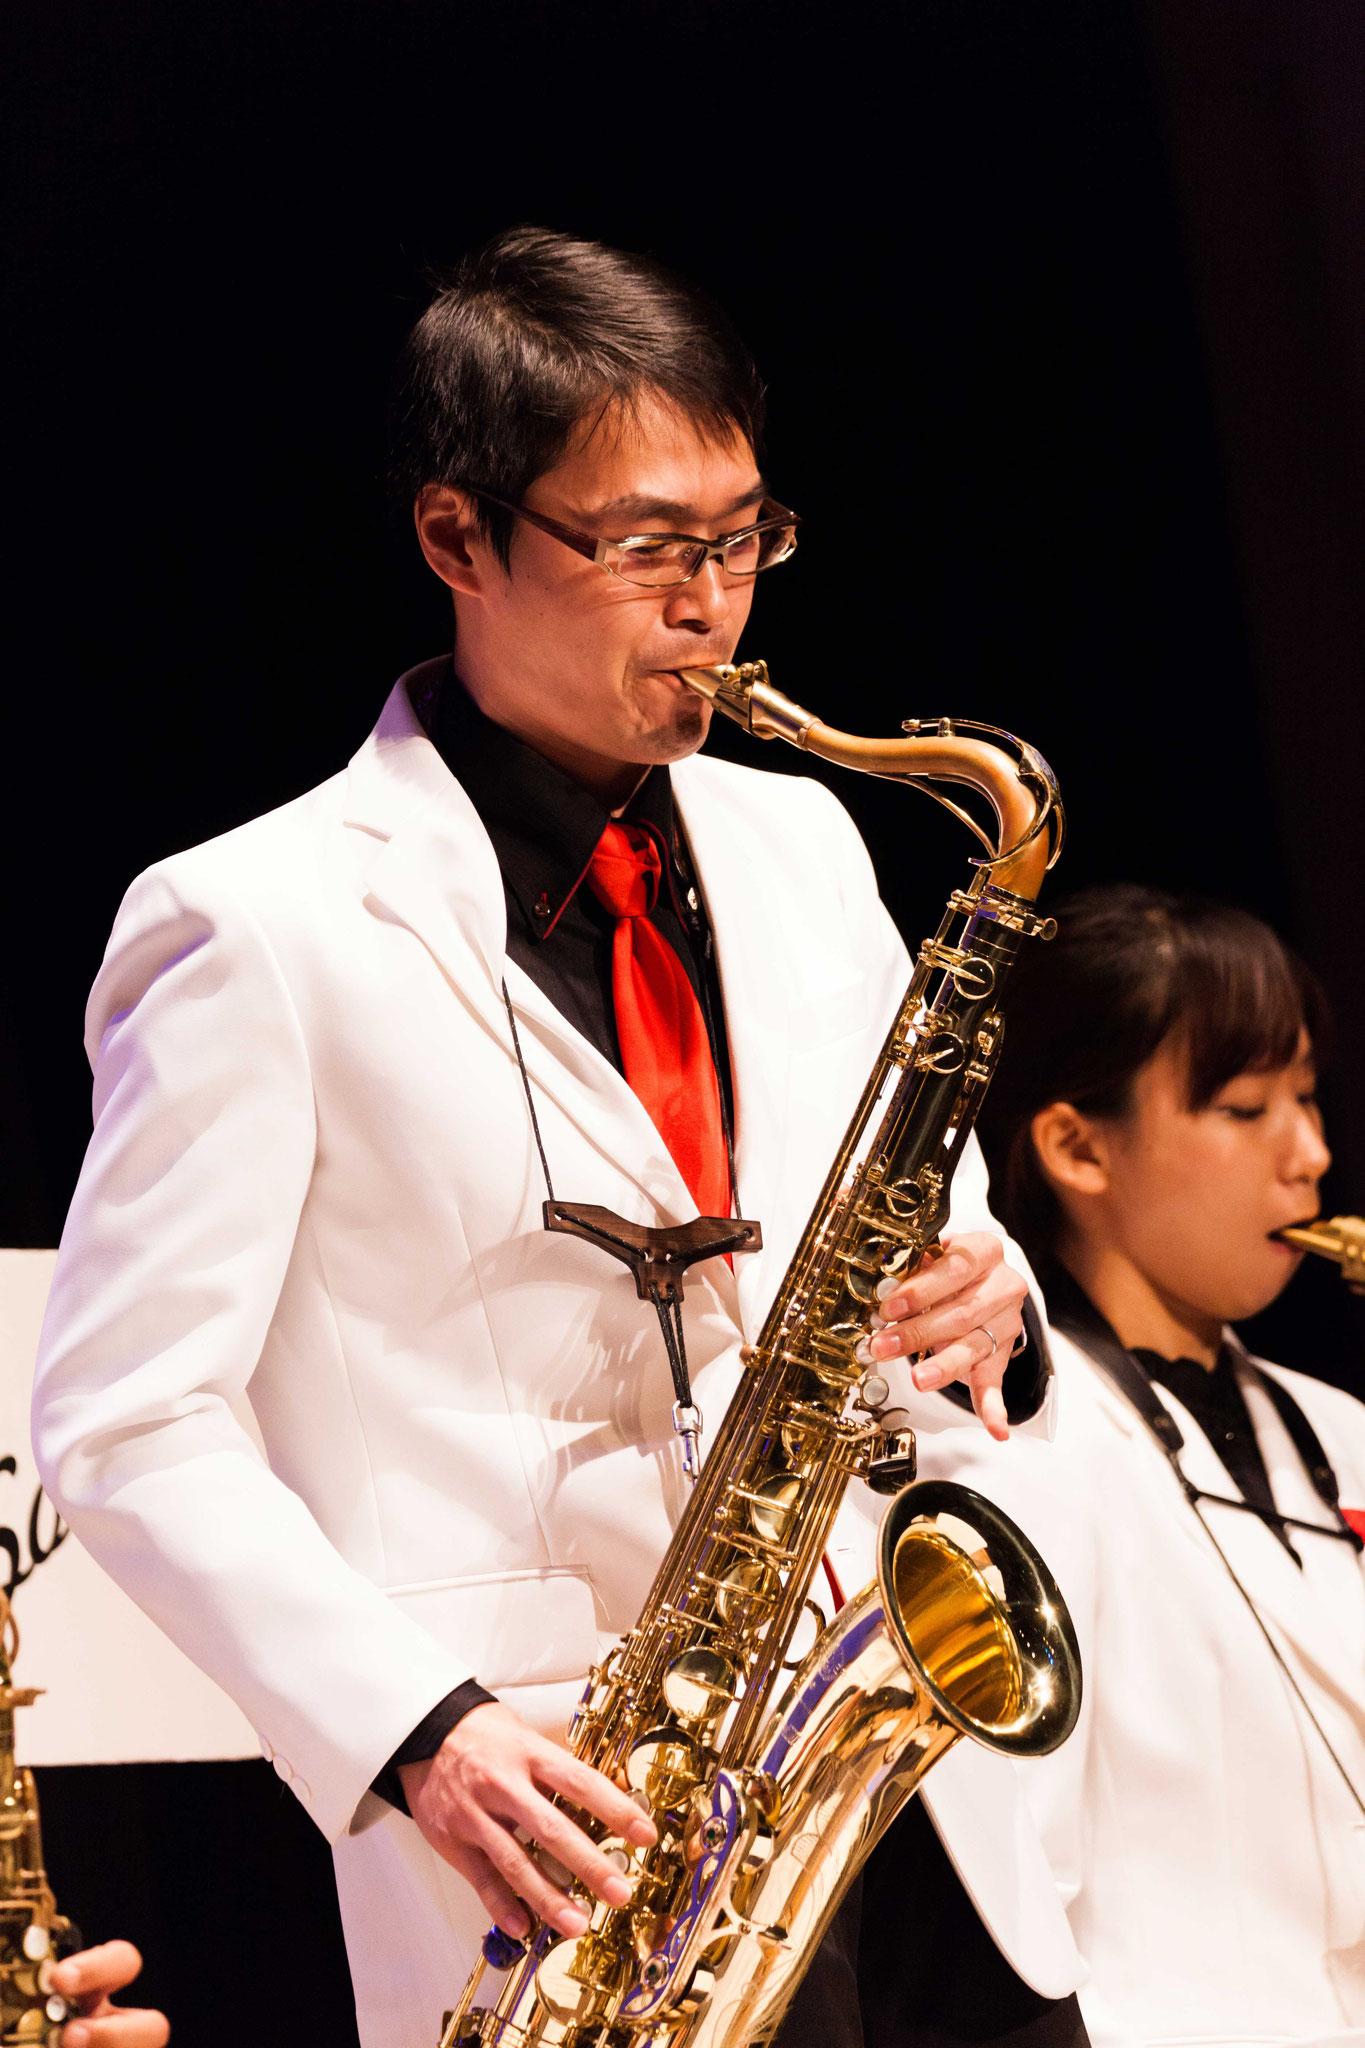 小野知寛(saxophone,flute)